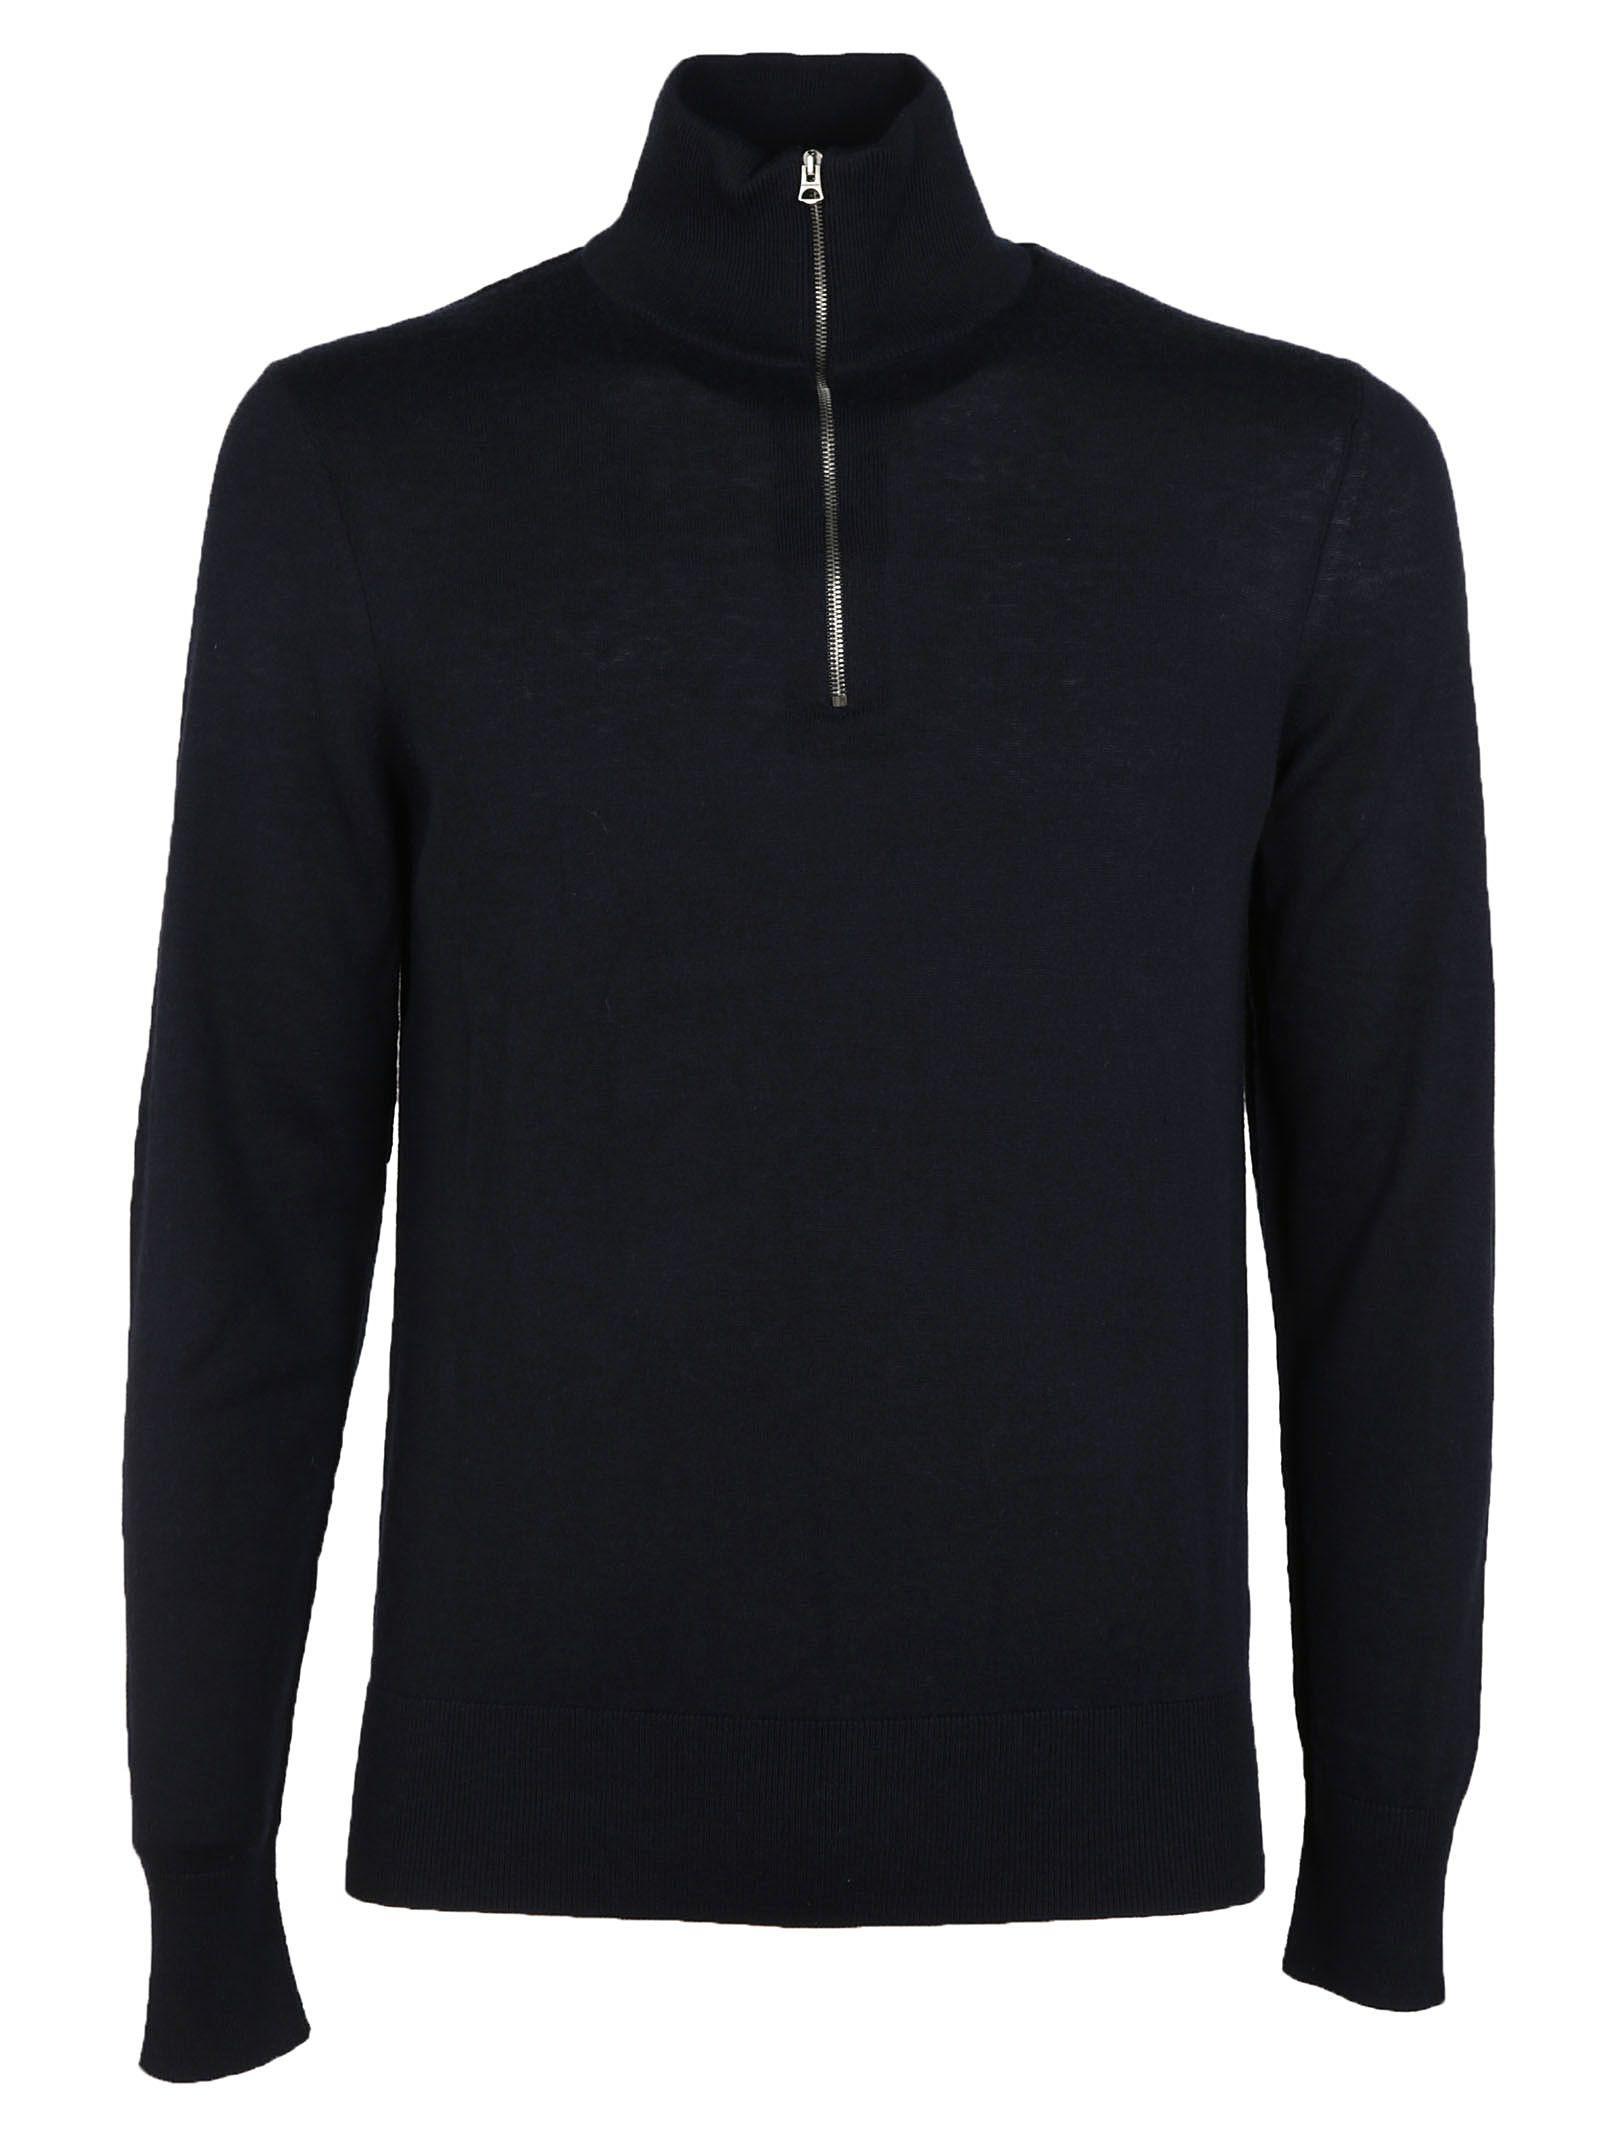 Burberry Zip Sweater